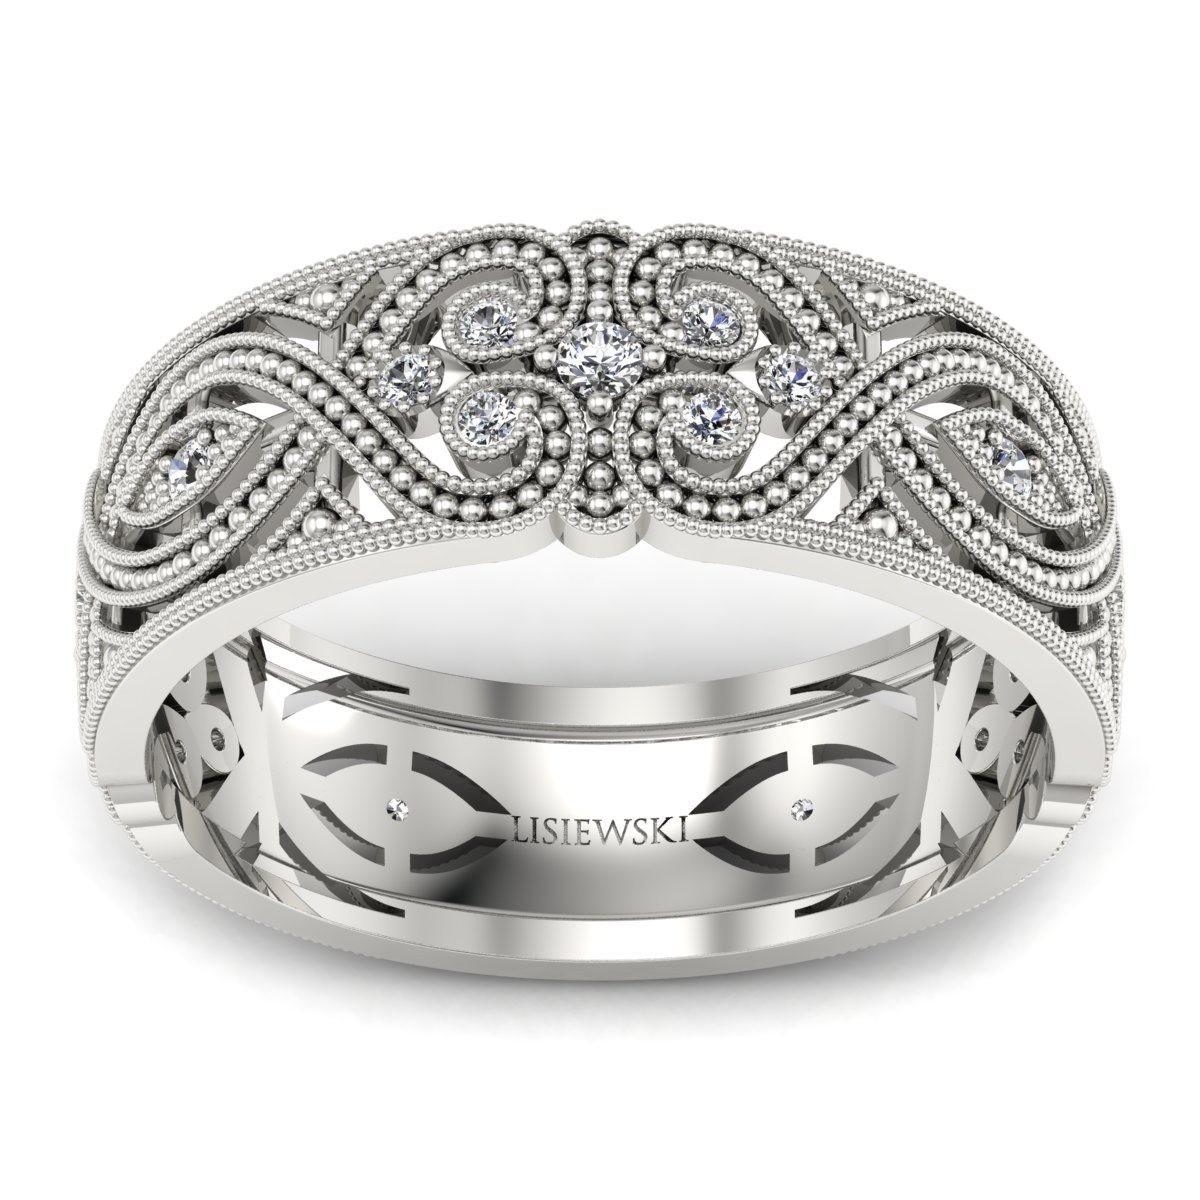 Royal - Obrączka ślubna z diamentami białe złoto